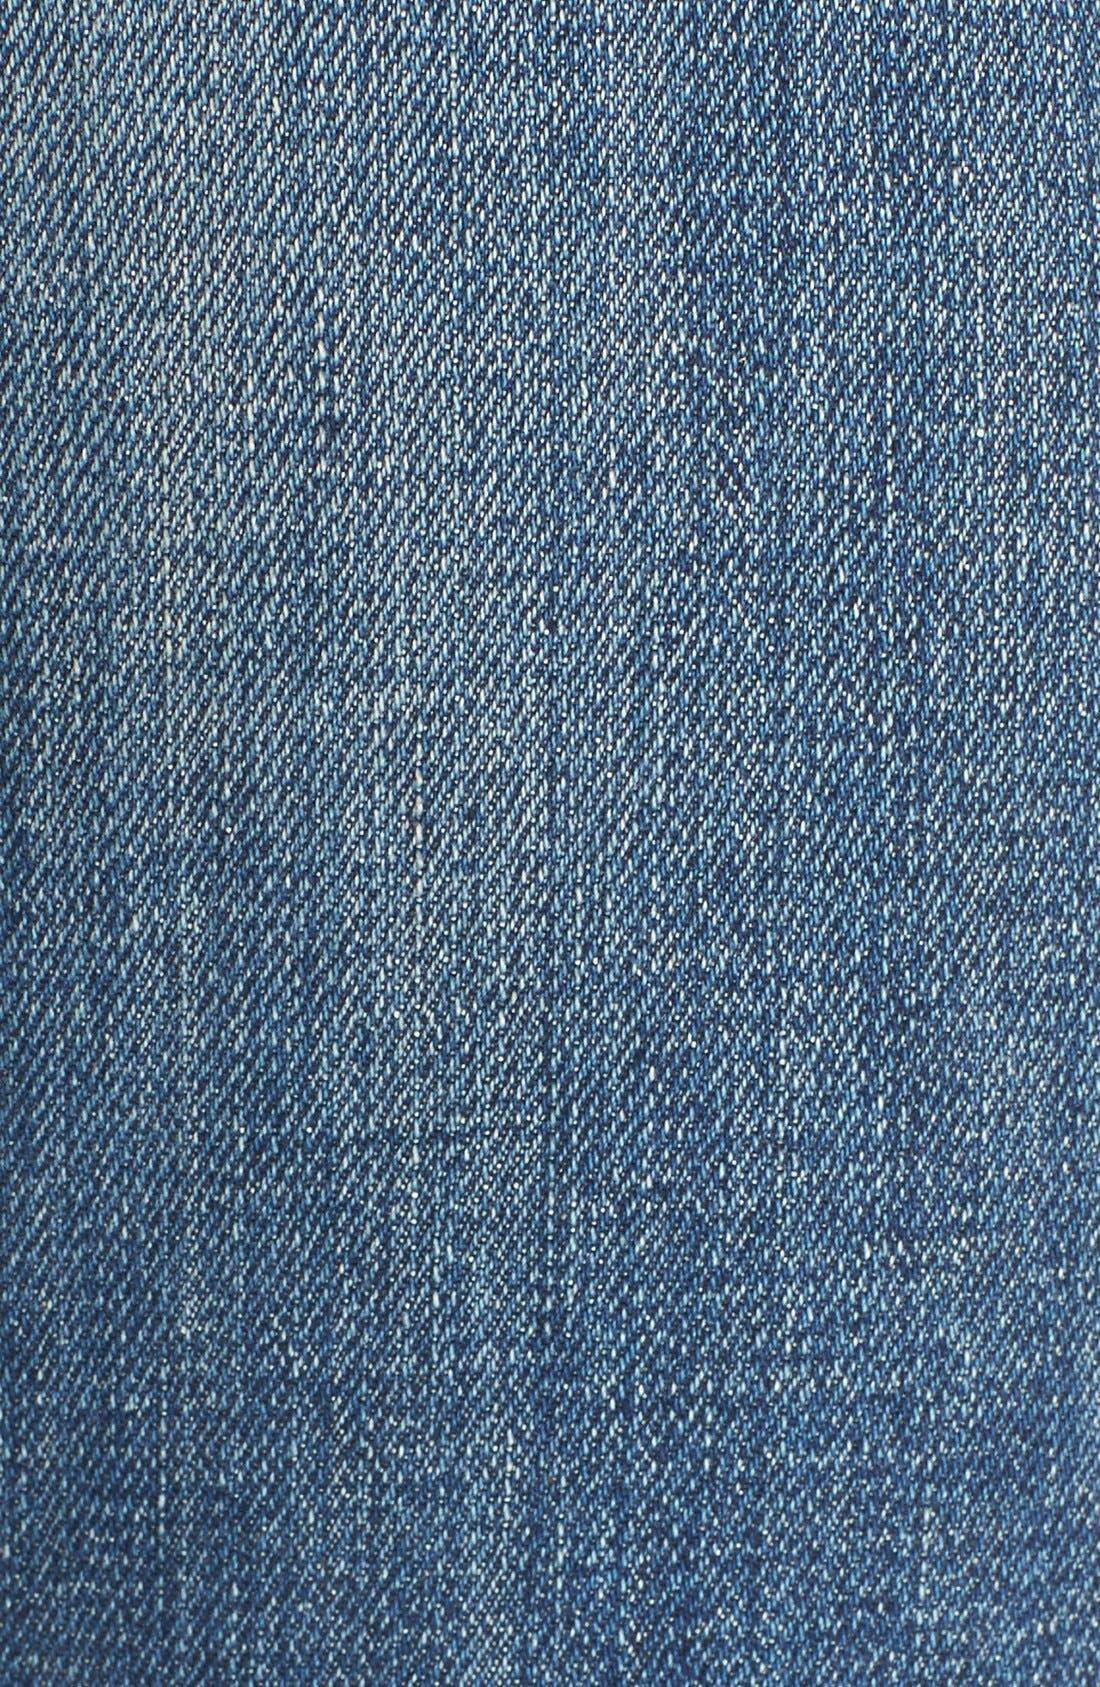 Alternate Image 5  - rag & bone/JEAN 'Dre' High Rise Boyfriend Skinny Jeans (Exeter)